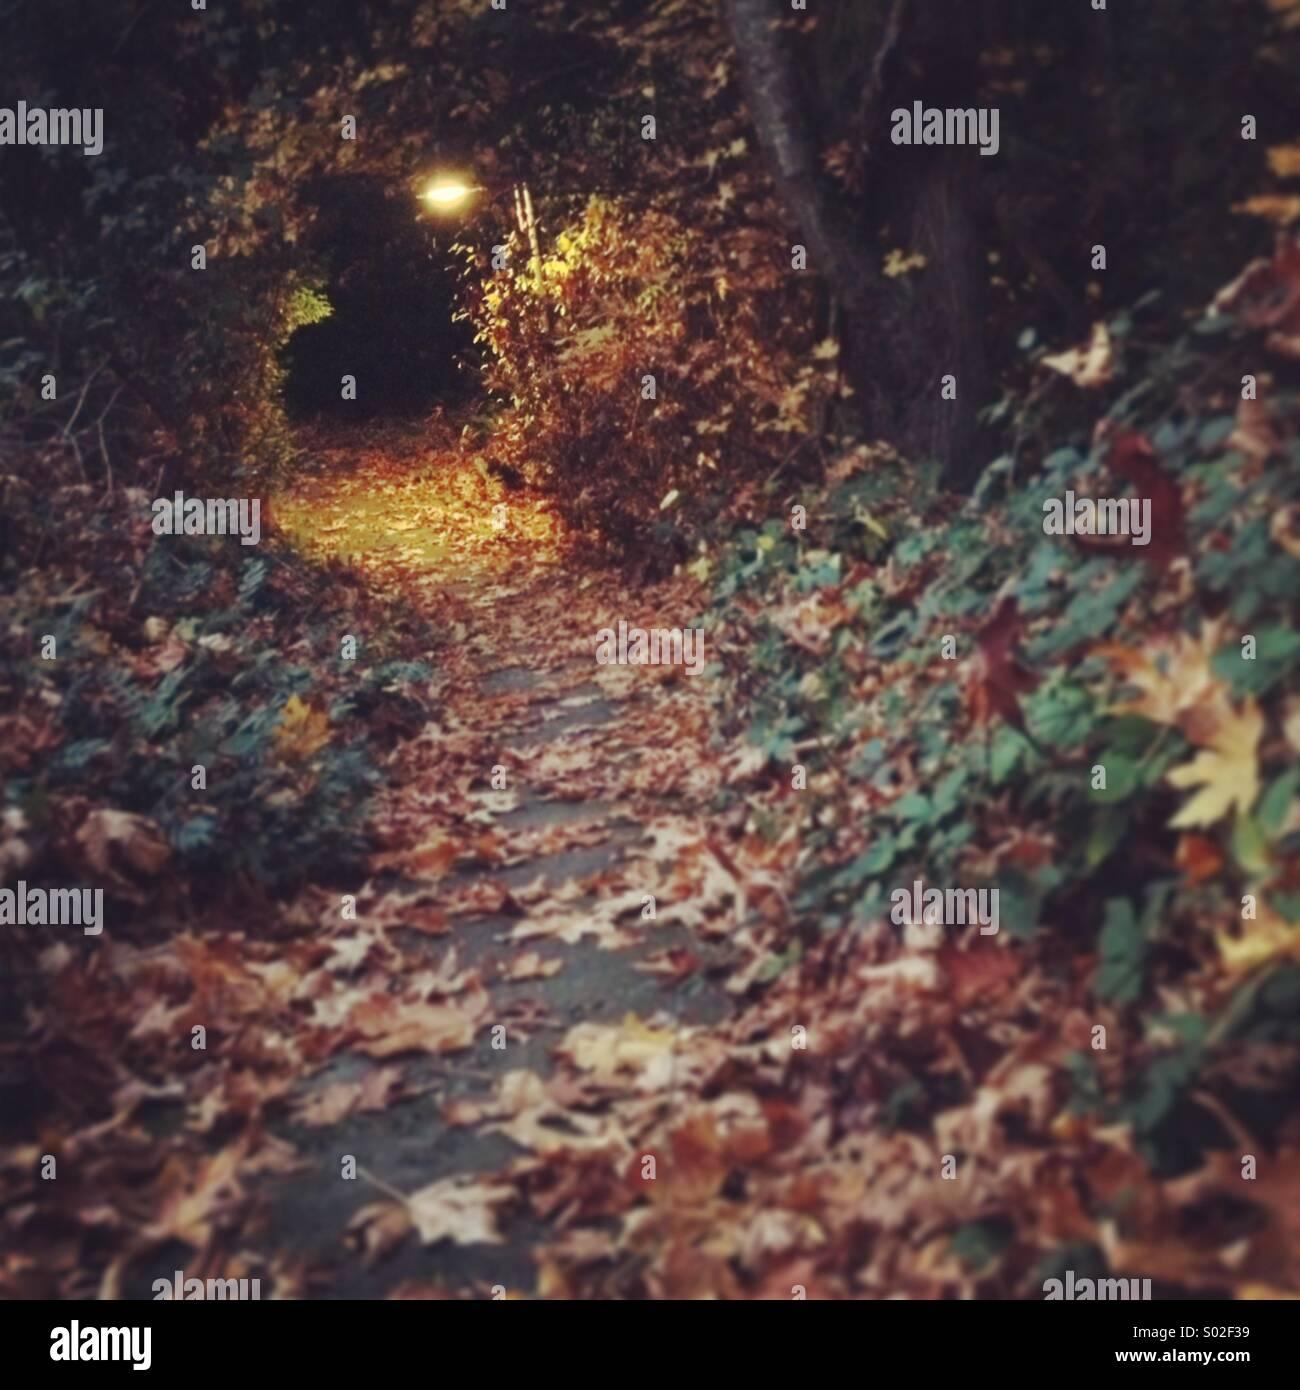 Rabbit hole - Stock Image